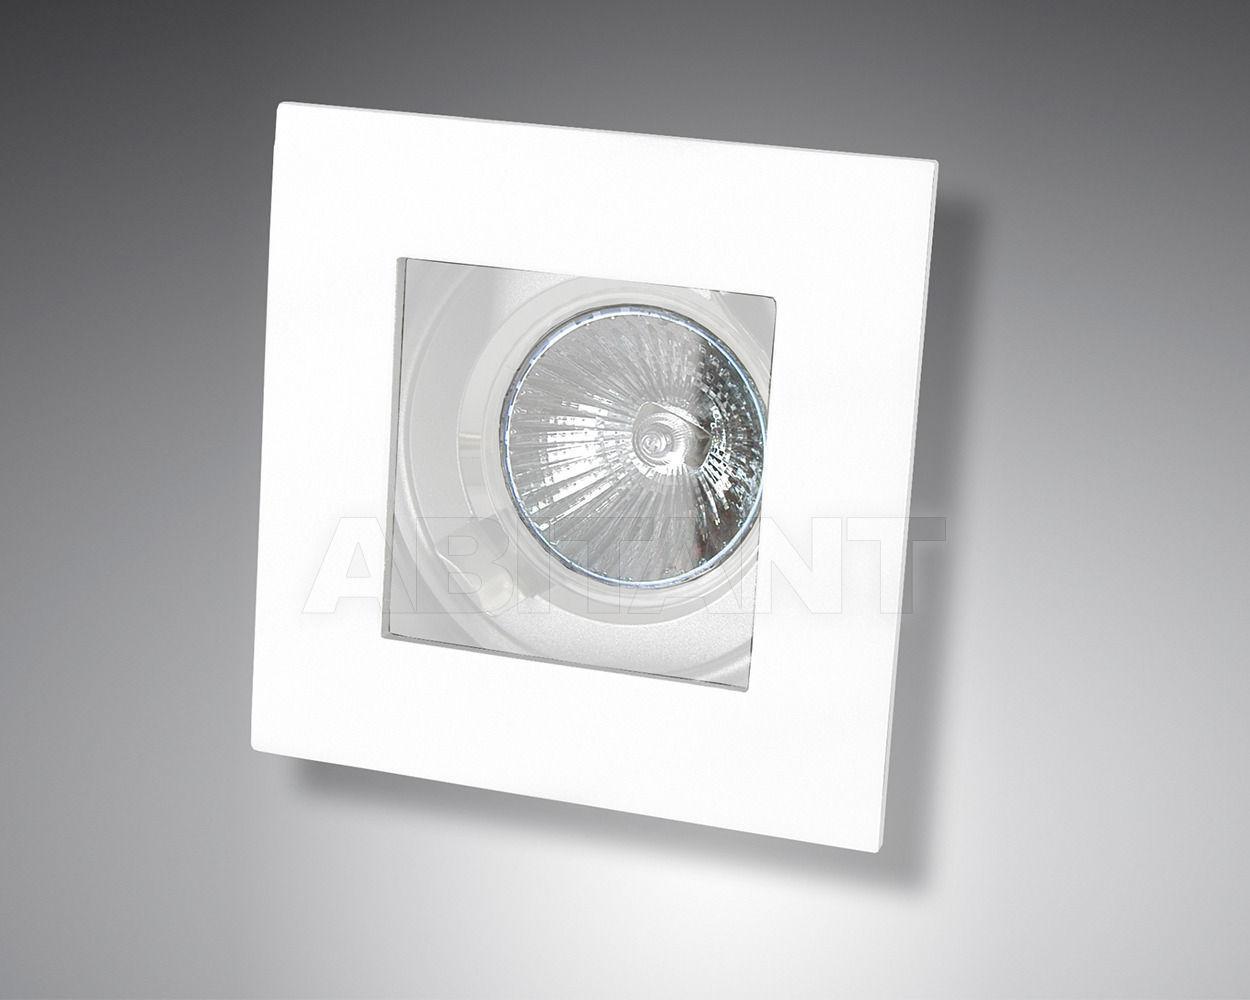 Купить Встраиваемый светильник Linea Verdace 2012 LV 16506/W